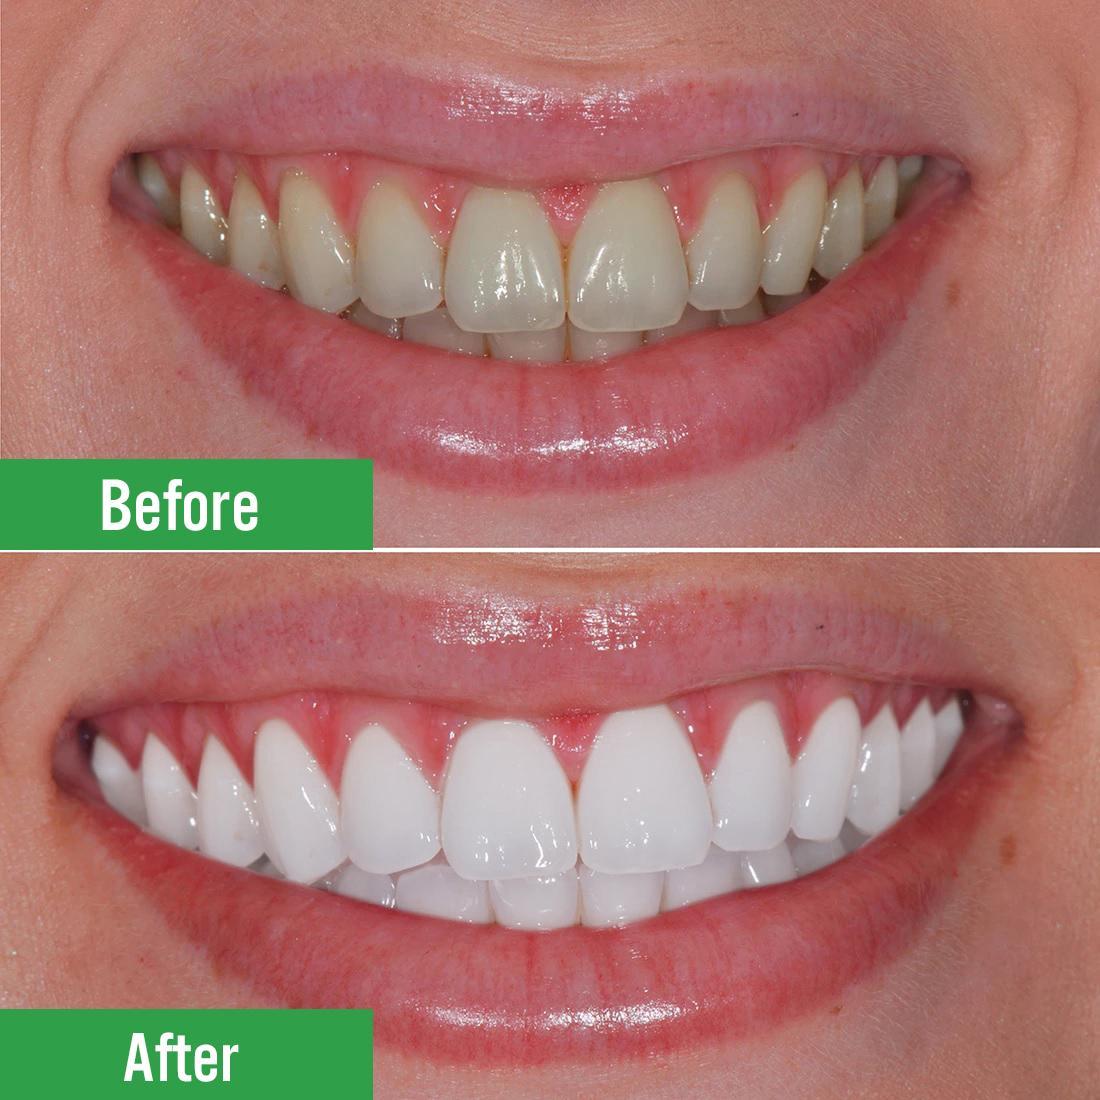 Quy Trình Tẩy Trắng Răng Nha Khoa Như Thế Nào?